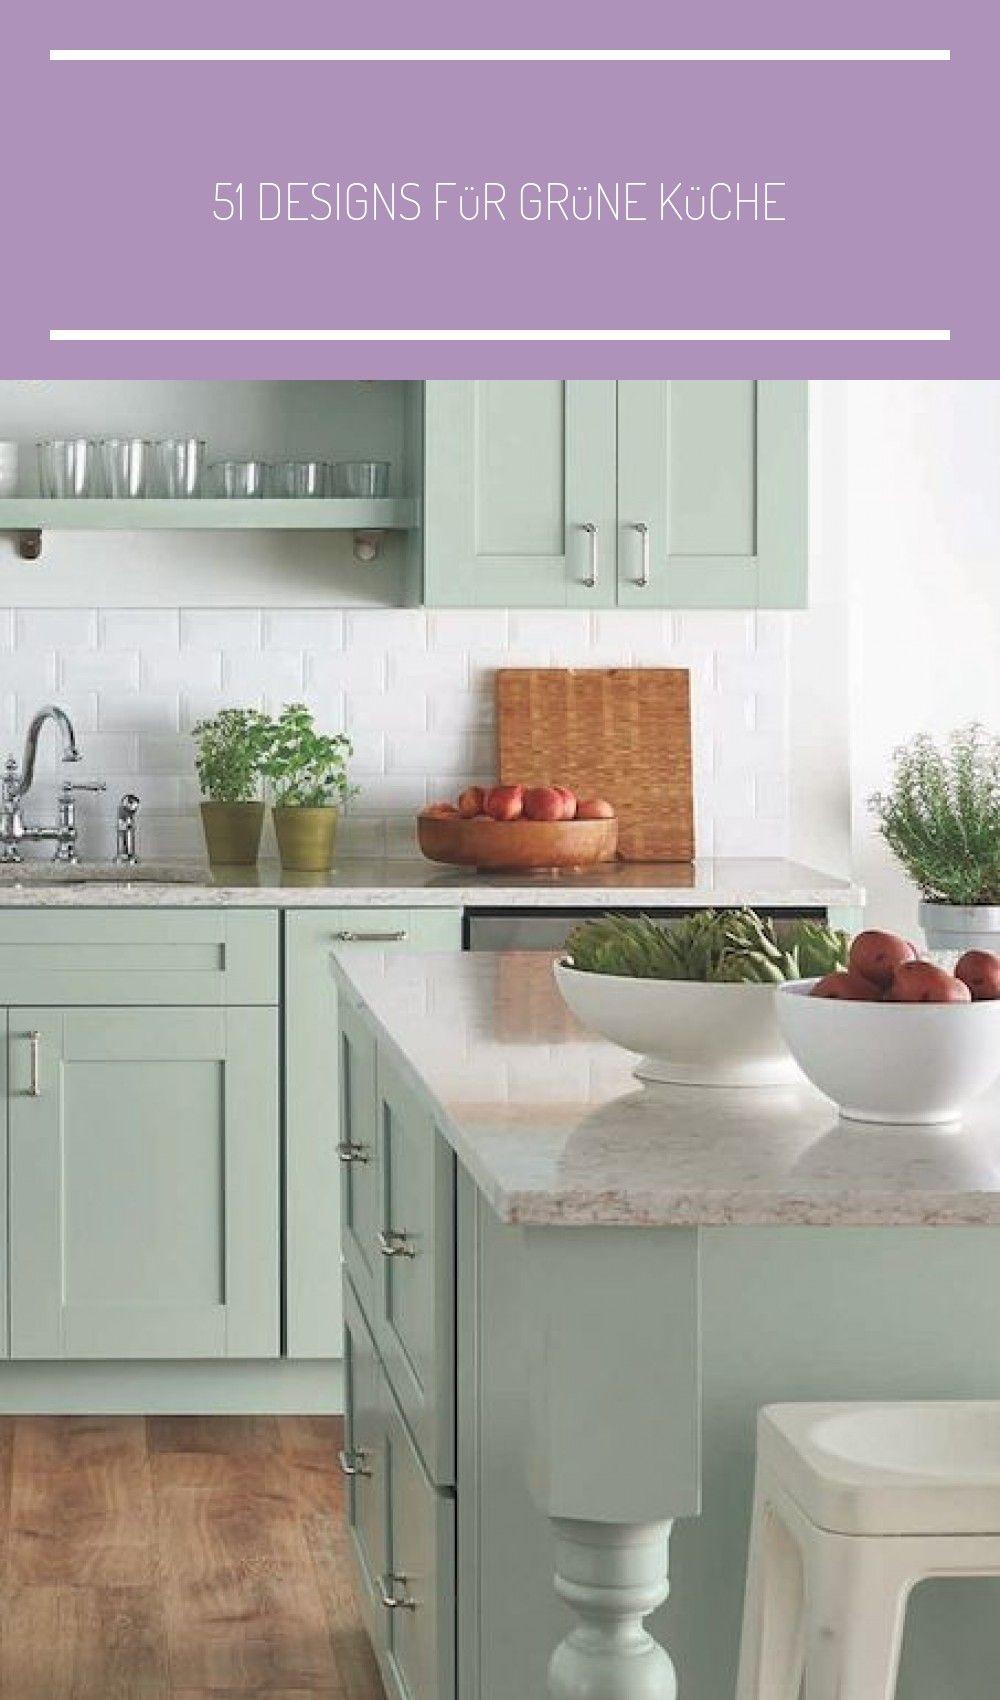 51 designs für grüne küche garden wall design awesome 51 designs für grüne küche on farmhouse kitchen gallery wall id=17460